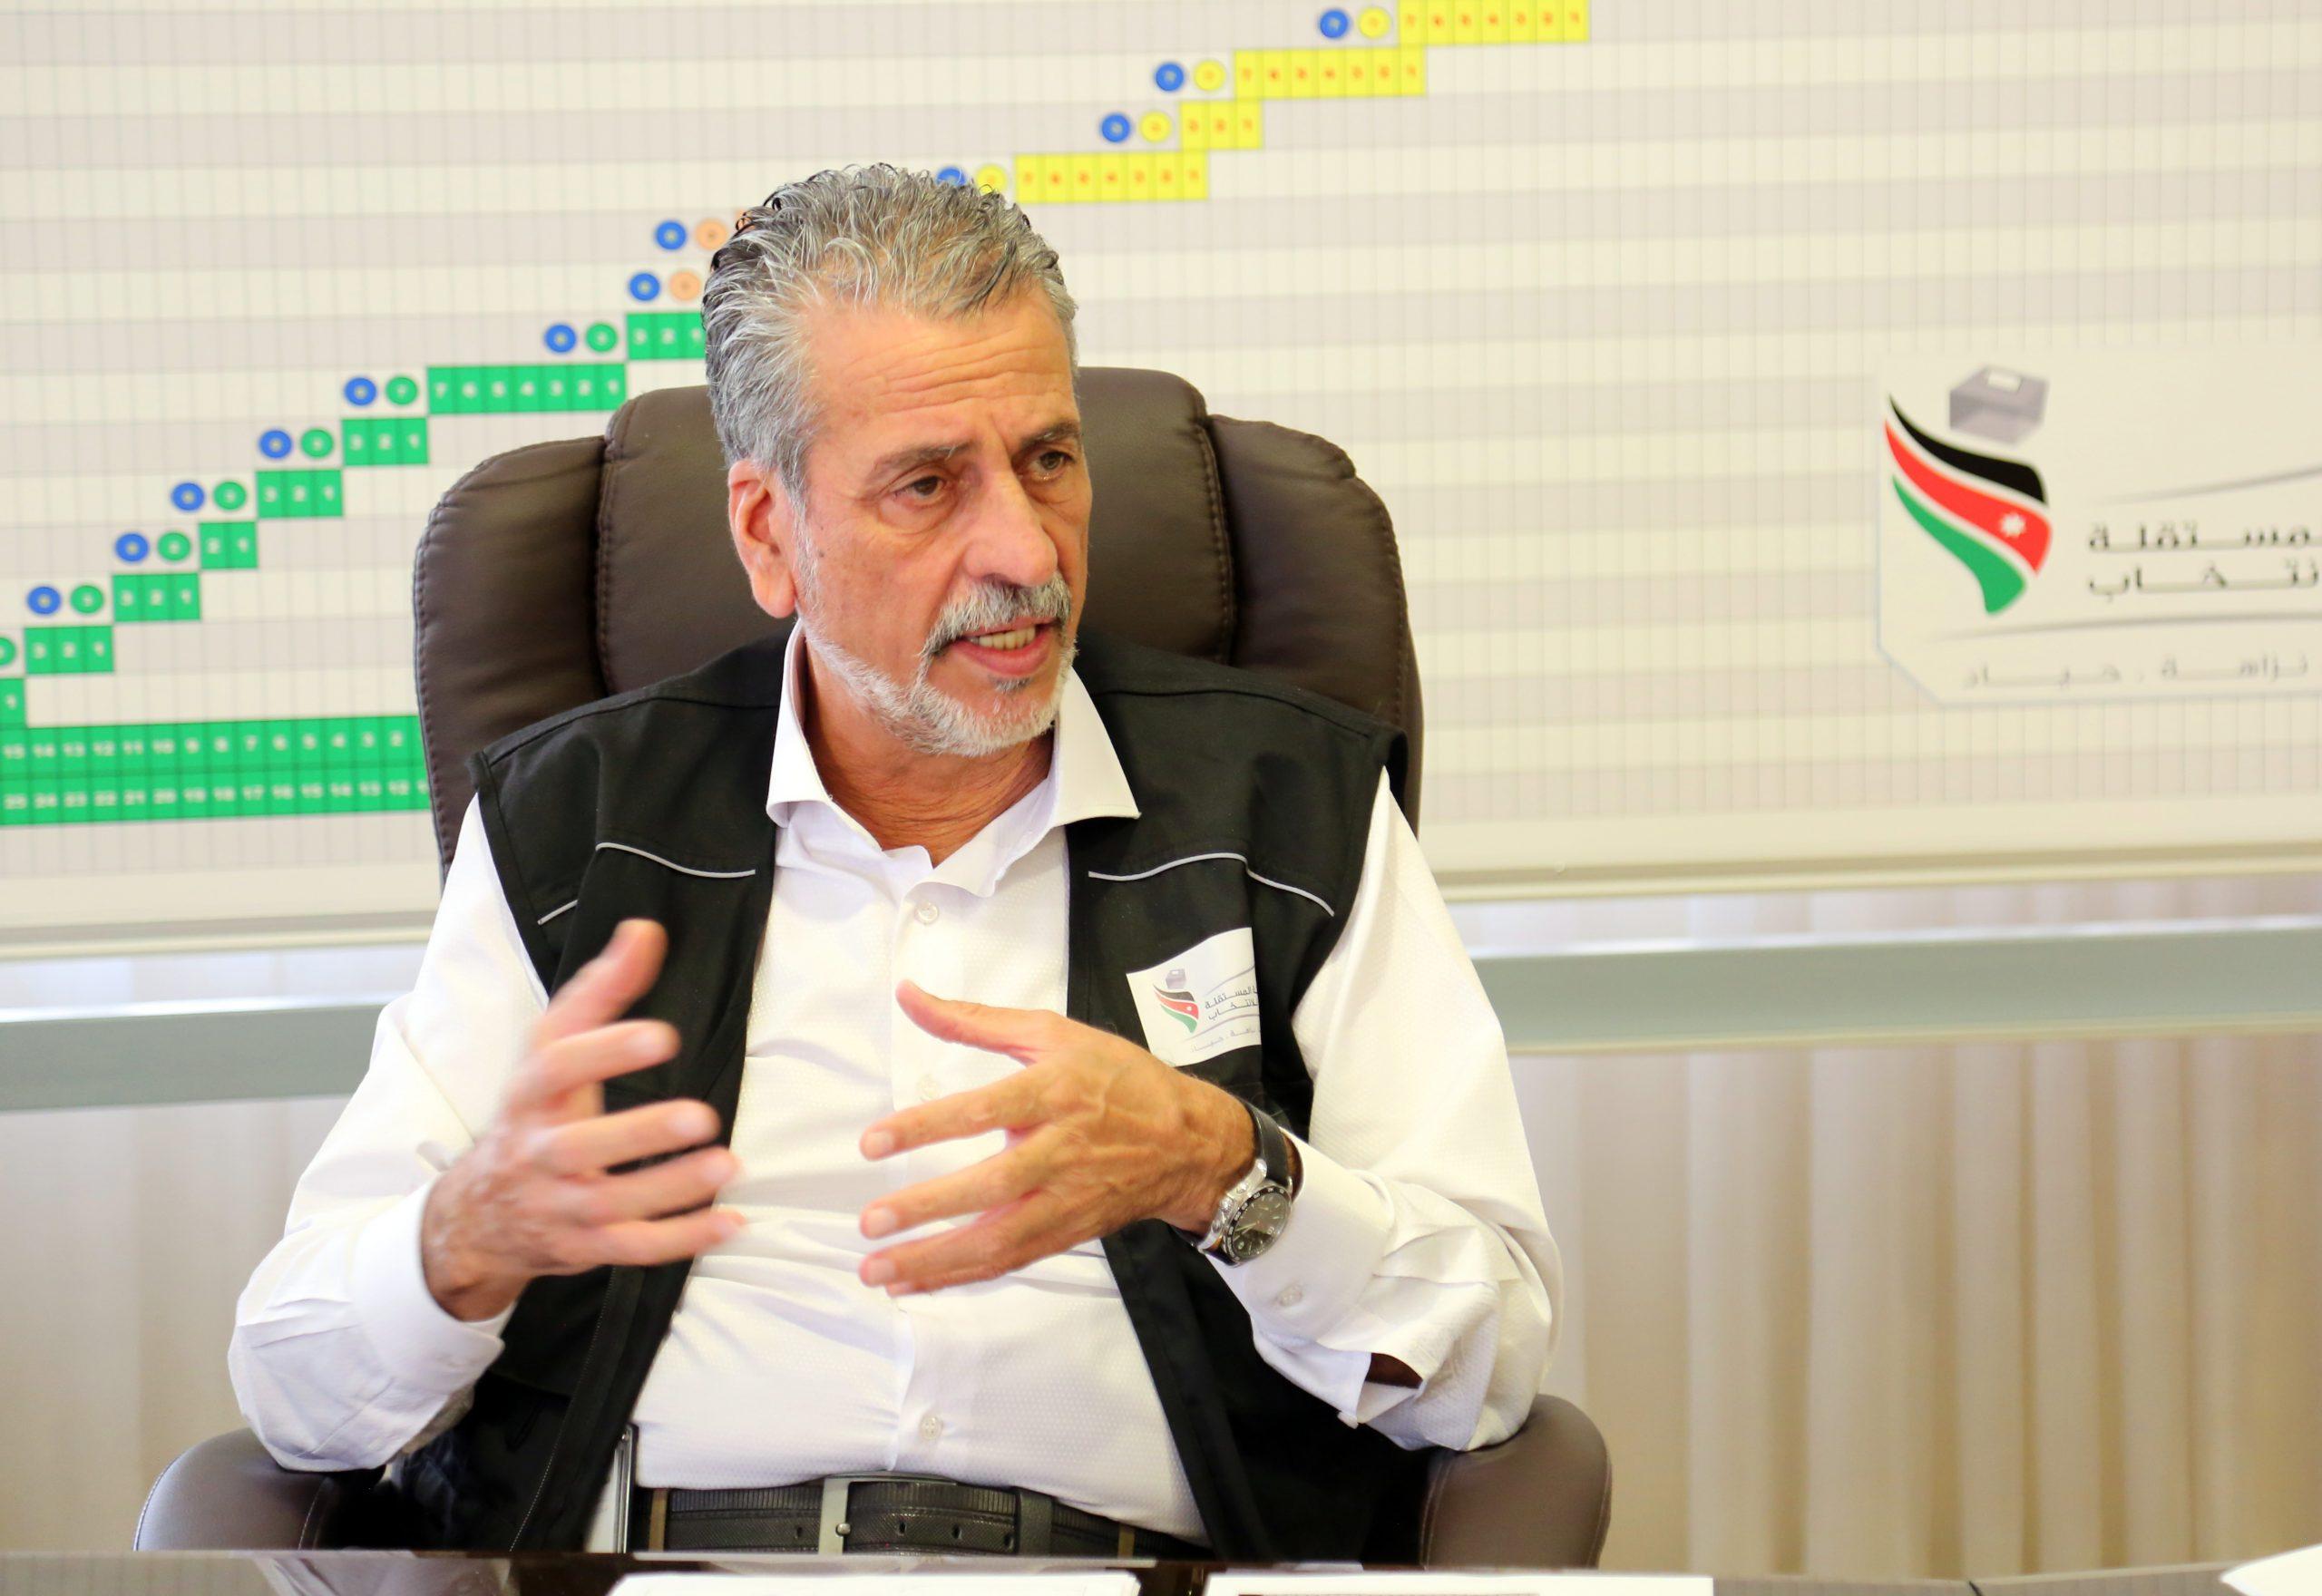 رئيس مجلس مفوضي الهيئة المستقلة للانتخاب، خالد الكلالدة -(تصوير: أسامه الرفاعي)